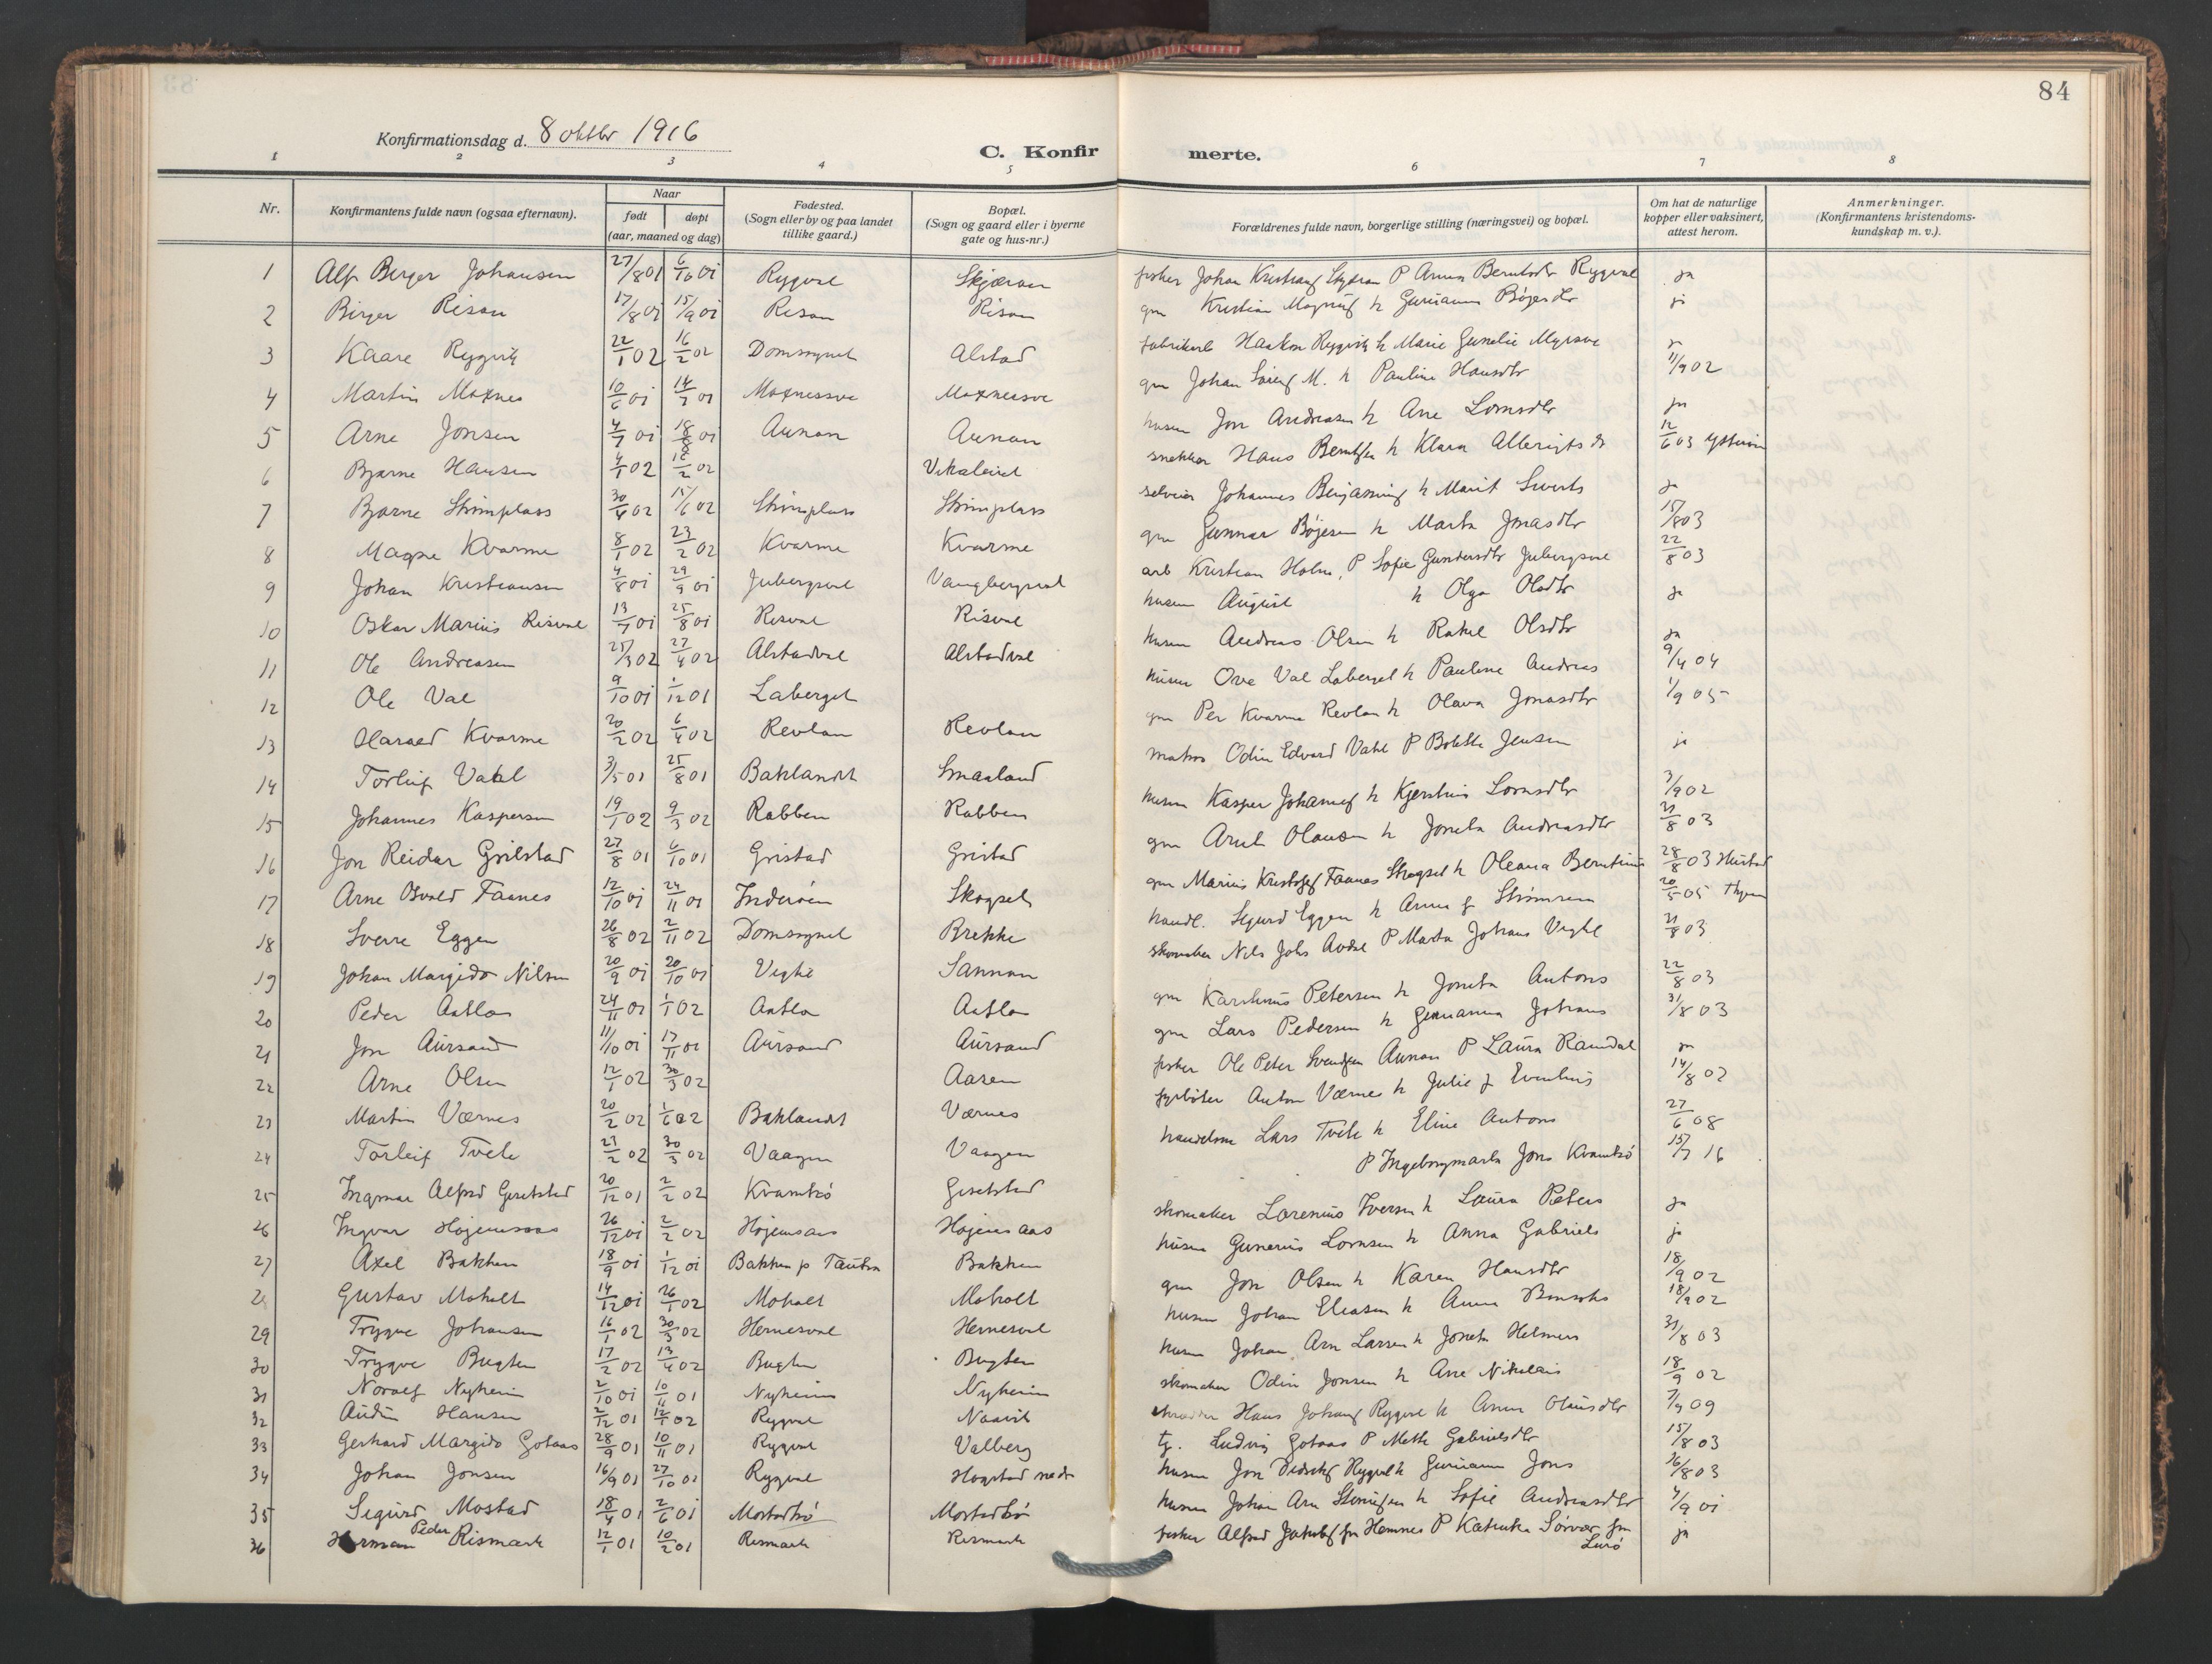 SAT, Ministerialprotokoller, klokkerbøker og fødselsregistre - Nord-Trøndelag, 713/L0123: Ministerialbok nr. 713A12, 1911-1925, s. 84